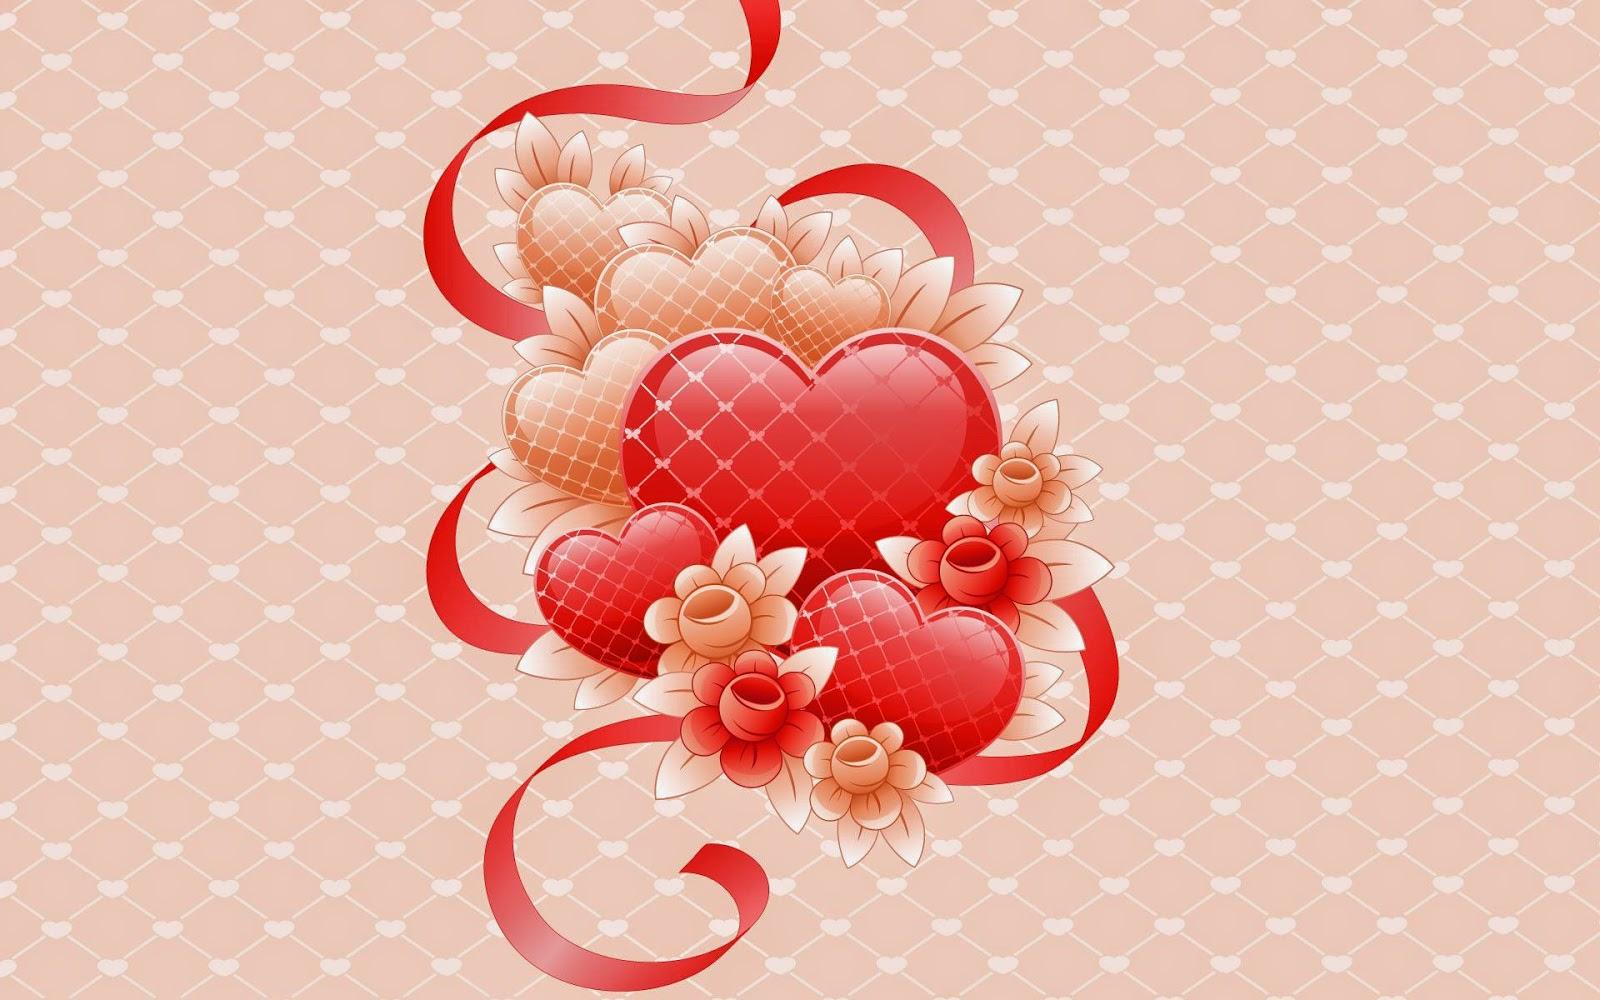 Banco de Imagenes y fotos gratis: Imagenes de San Valentin, parte 2